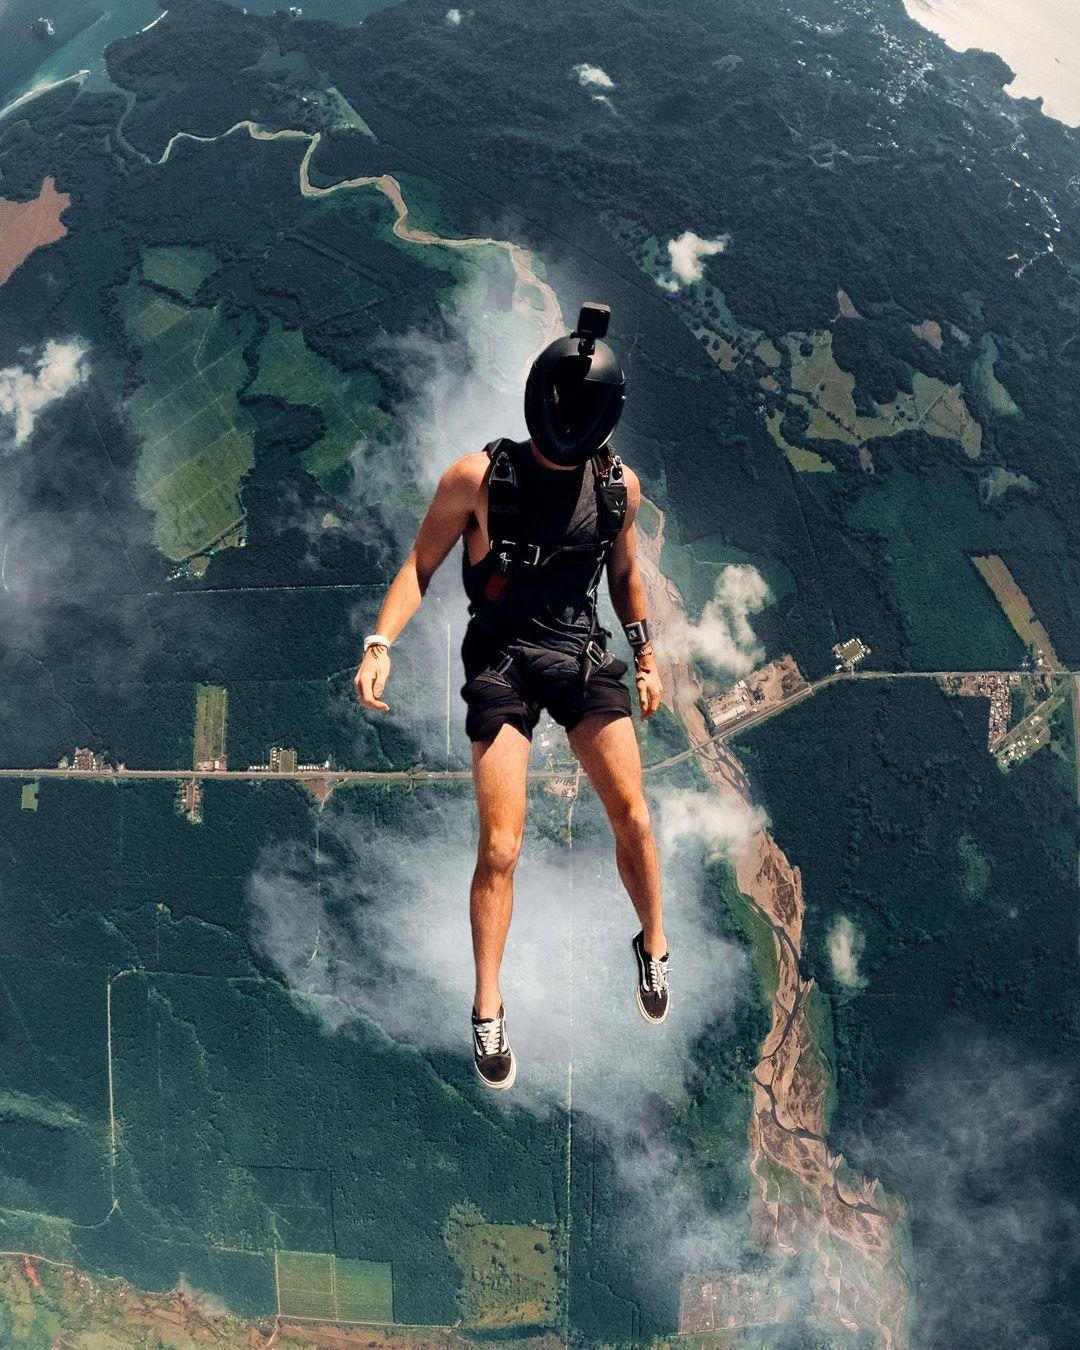 Путешествия и приключения на снимках Сэма Келдера